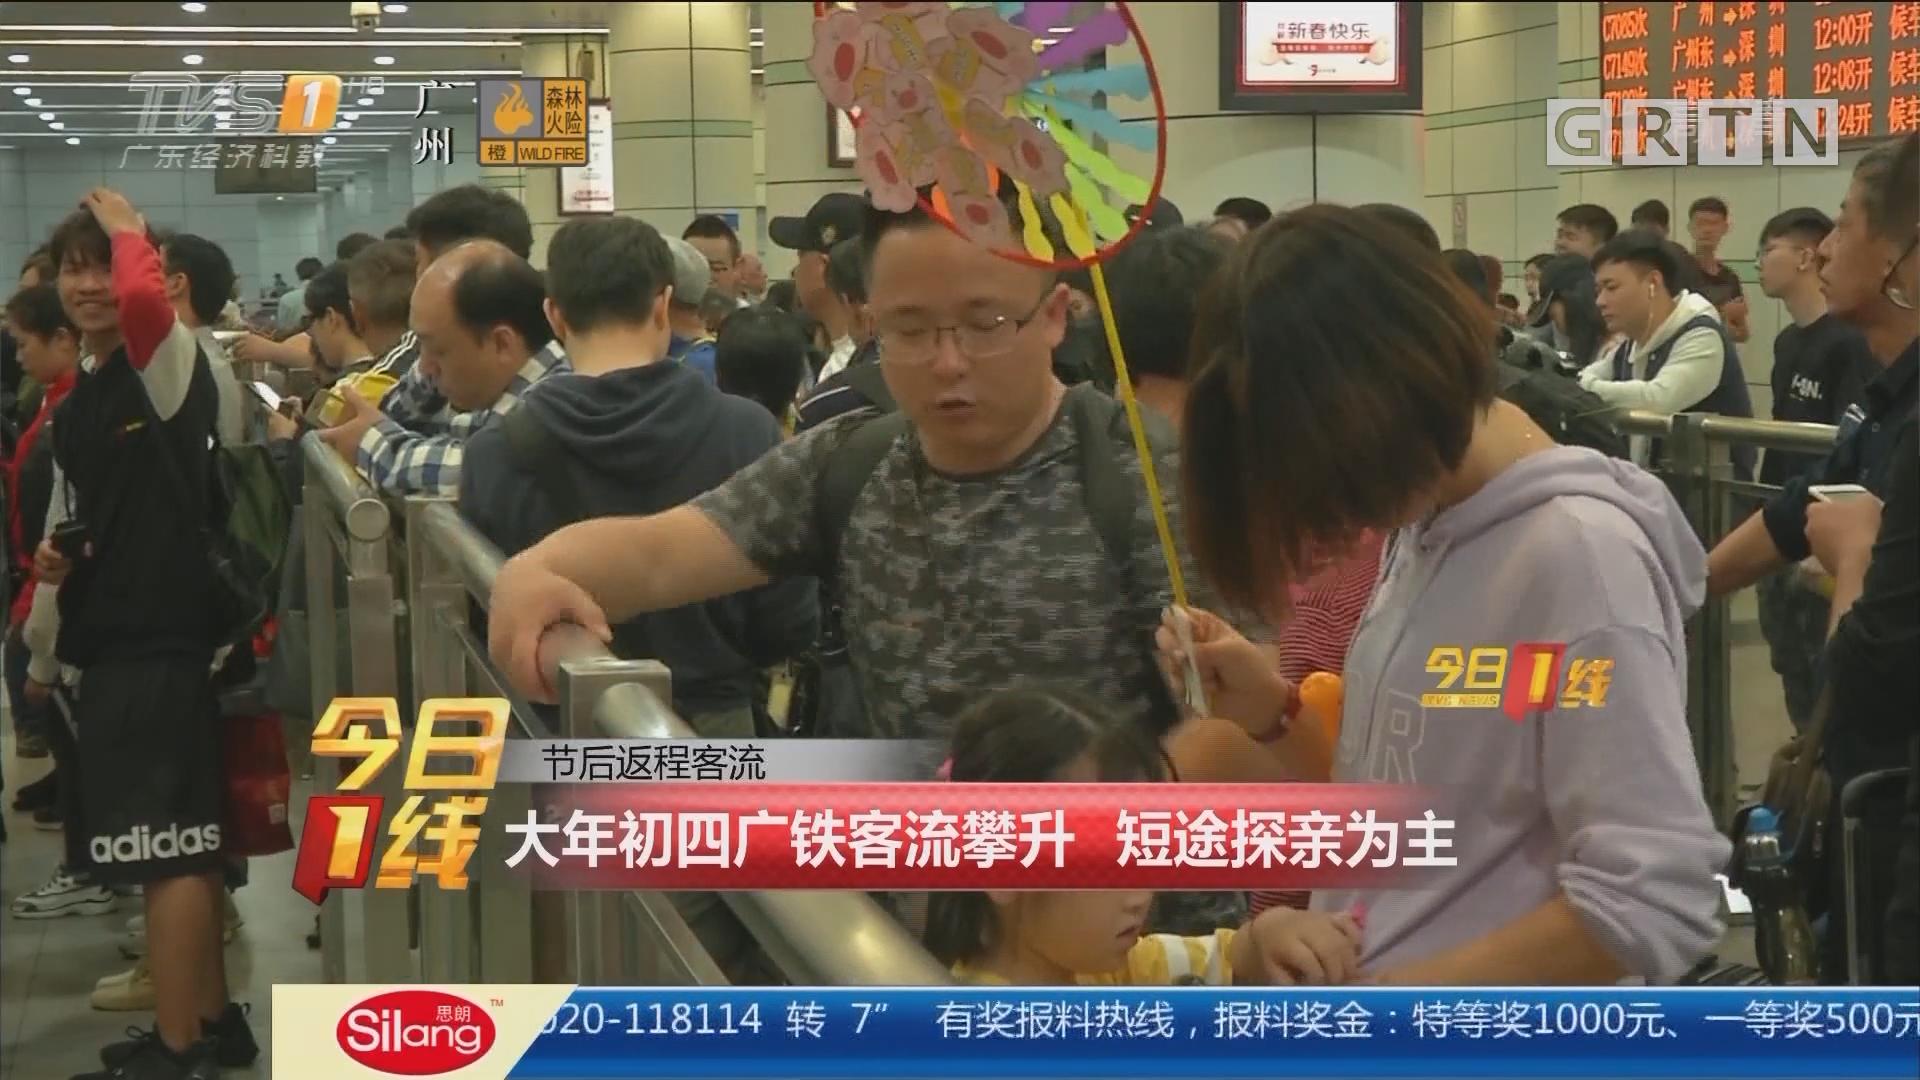 节后返程客流:大年初四广铁客流攀升 短途探亲为主